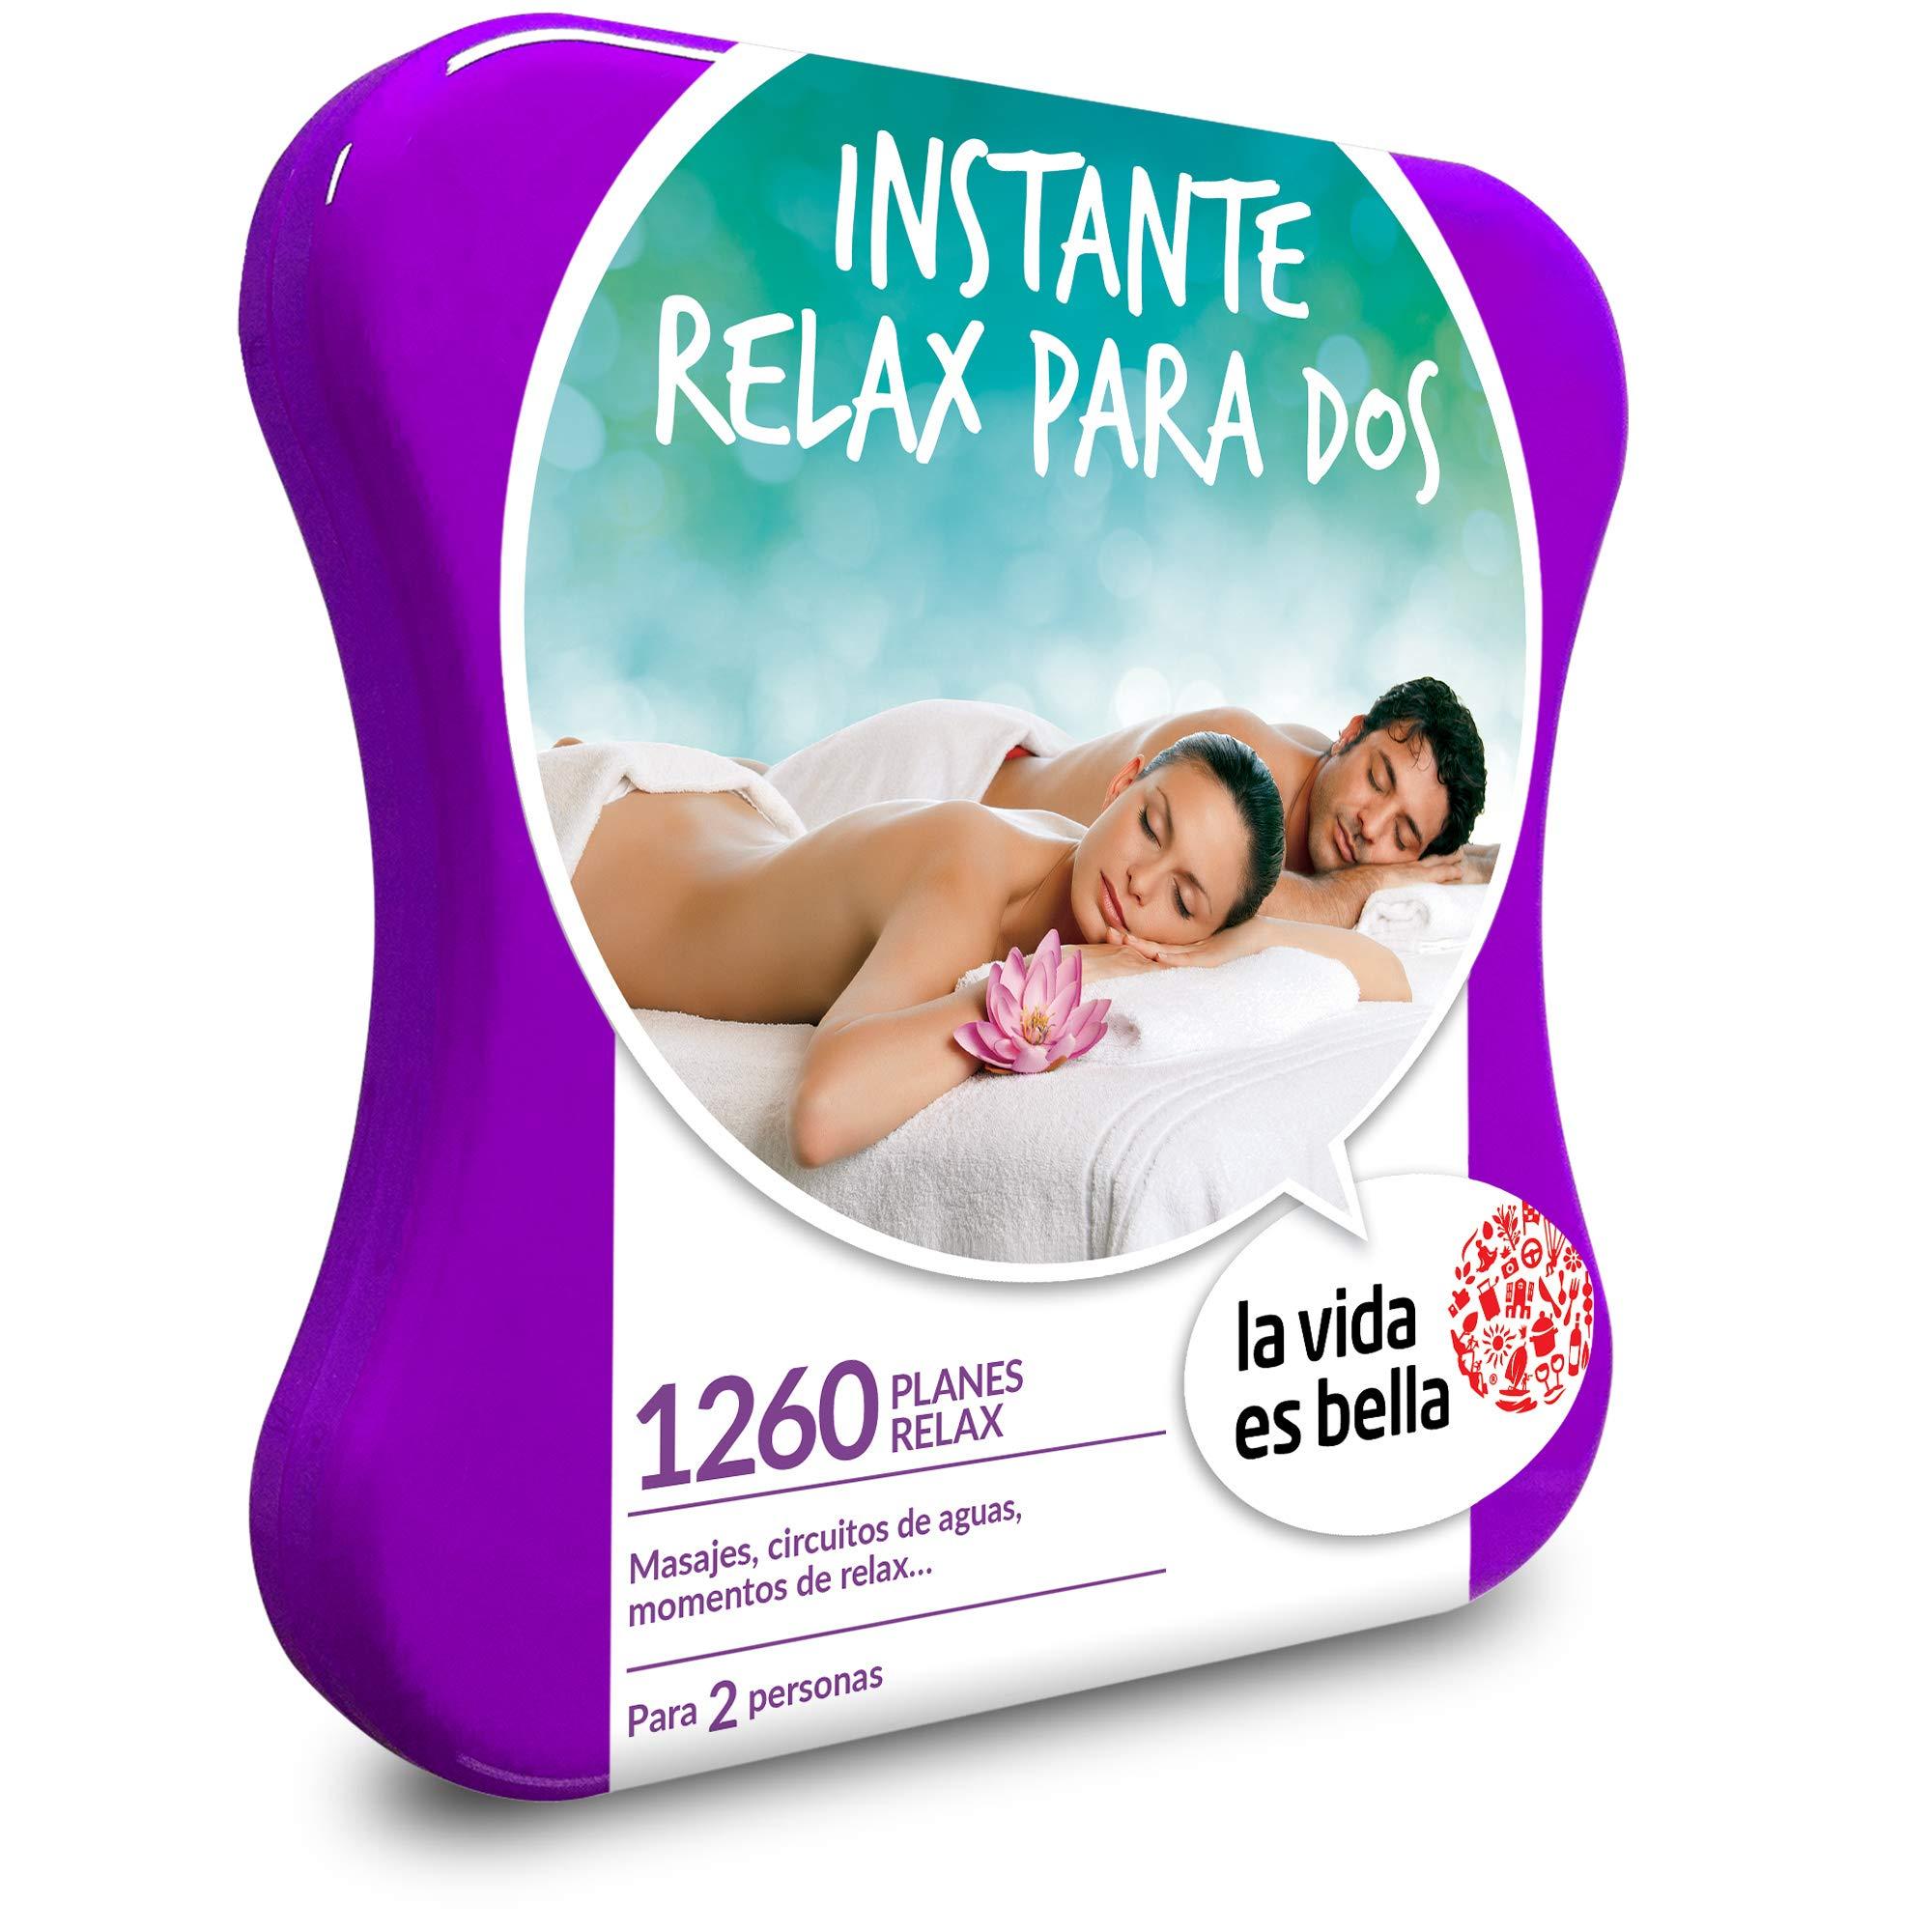 LA VIDA ES BELLA - Caja Regalo - INSTANTE RELAX PARA DOS - 1260 planes de bienestar como masajes, manicuras, circuitos de aguas y mucho más: Amazon.es: Deportes y aire libre